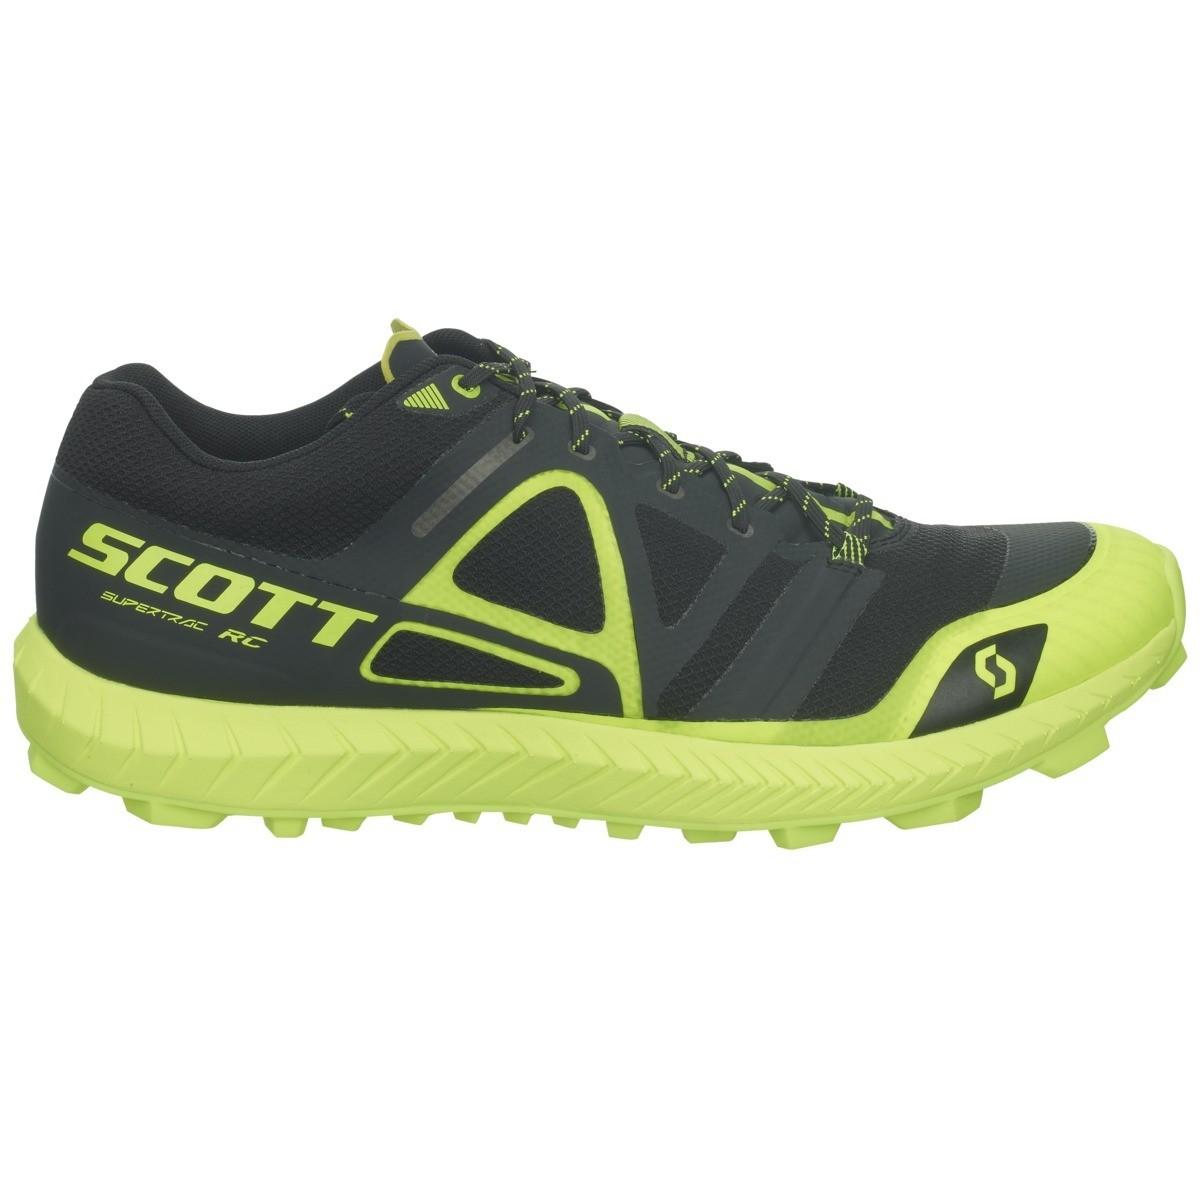 Scott Supertrac RC heren black/yellow